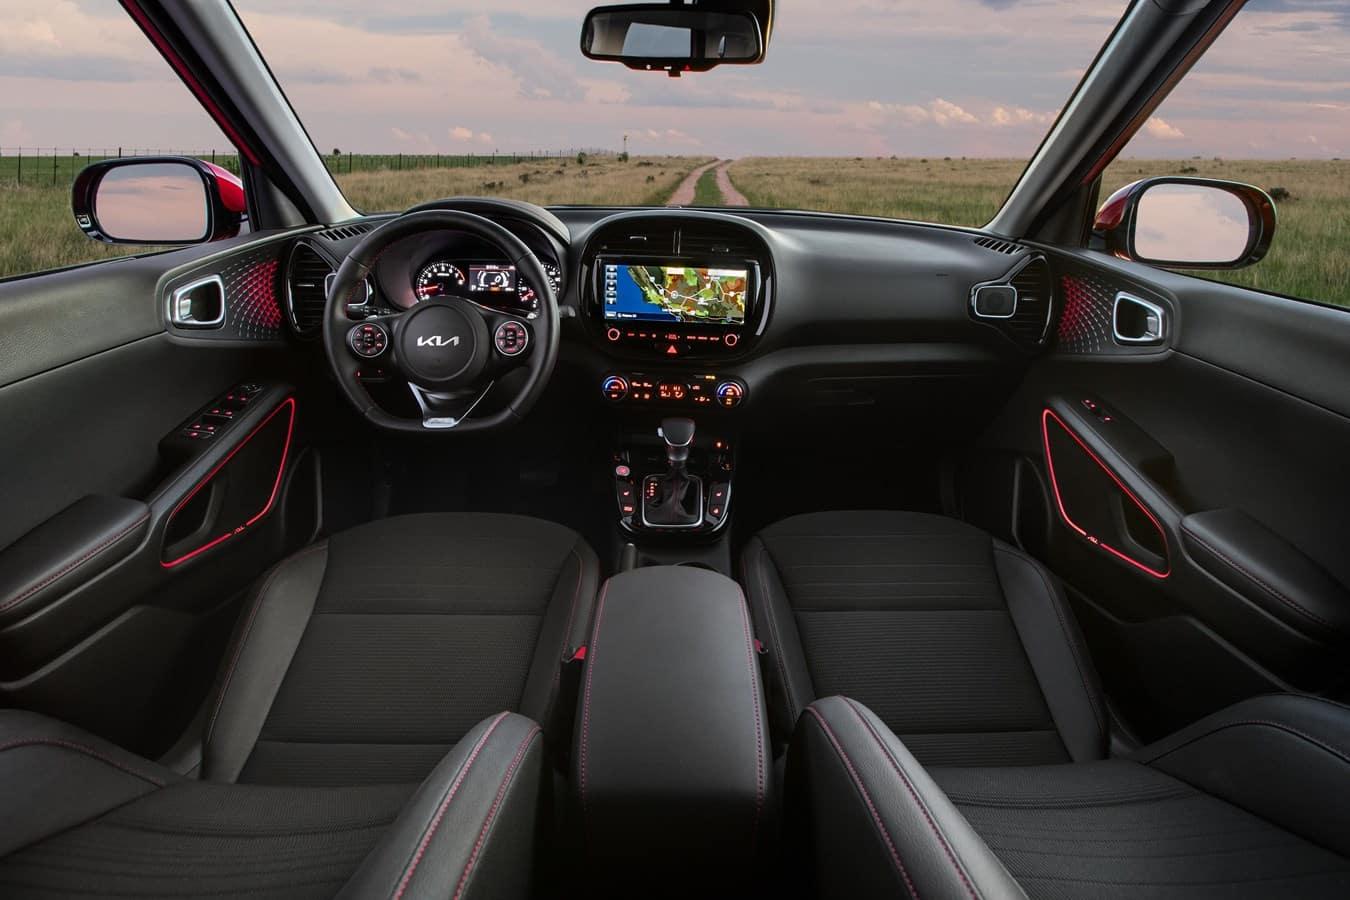 2022 Kia Soul interior Cowboy Kia